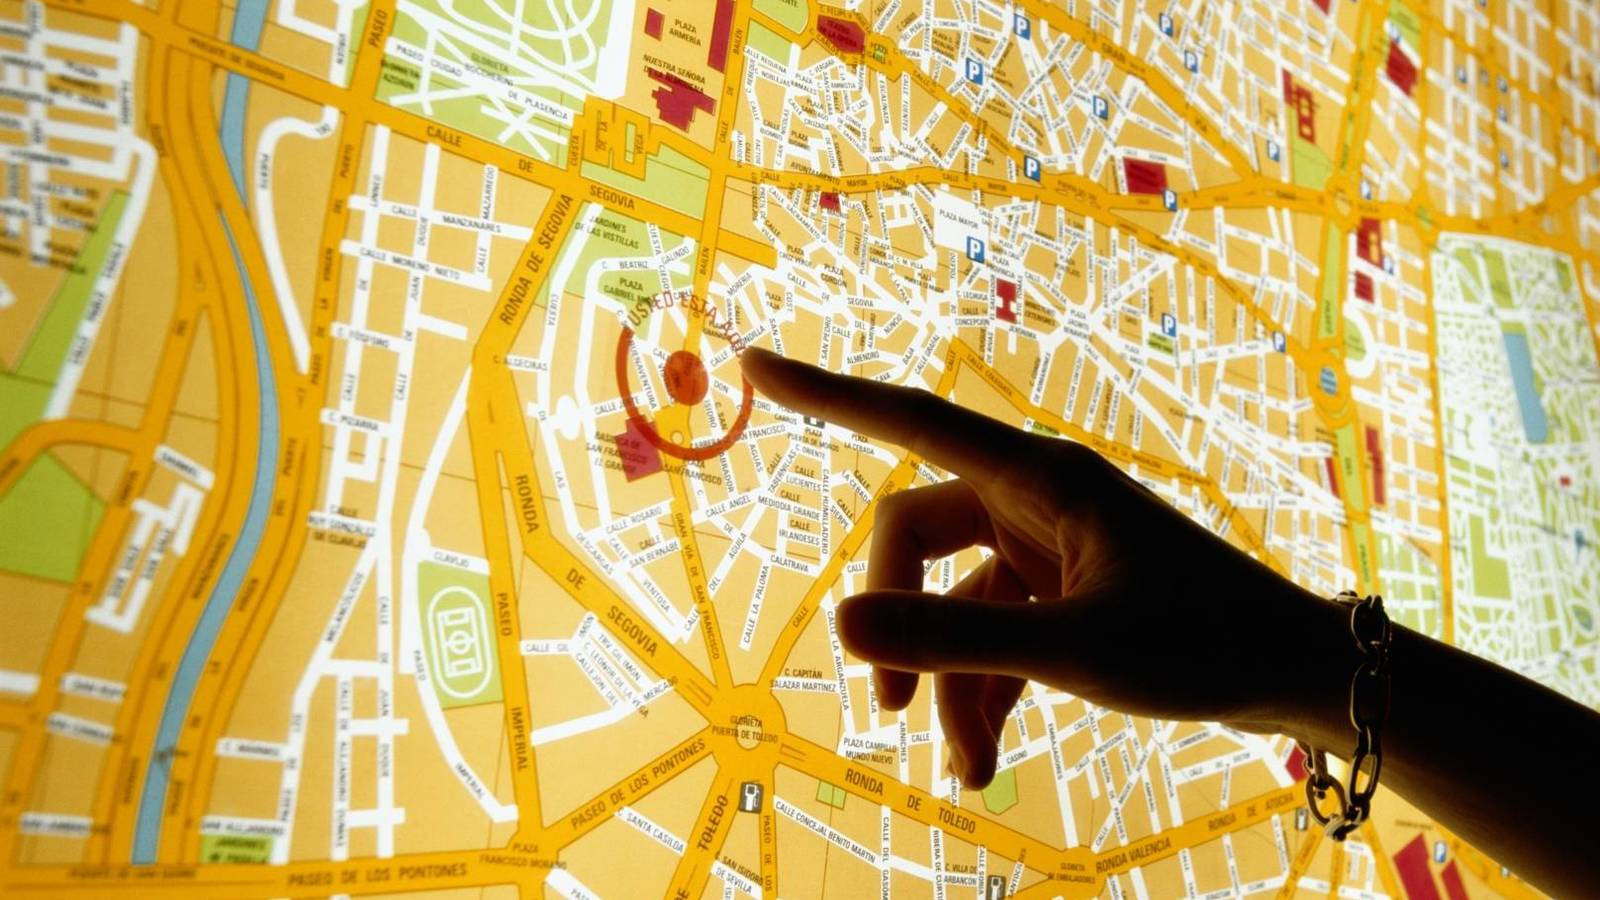 Geolocalizadores – ¿Conoces realmente su utilidad?